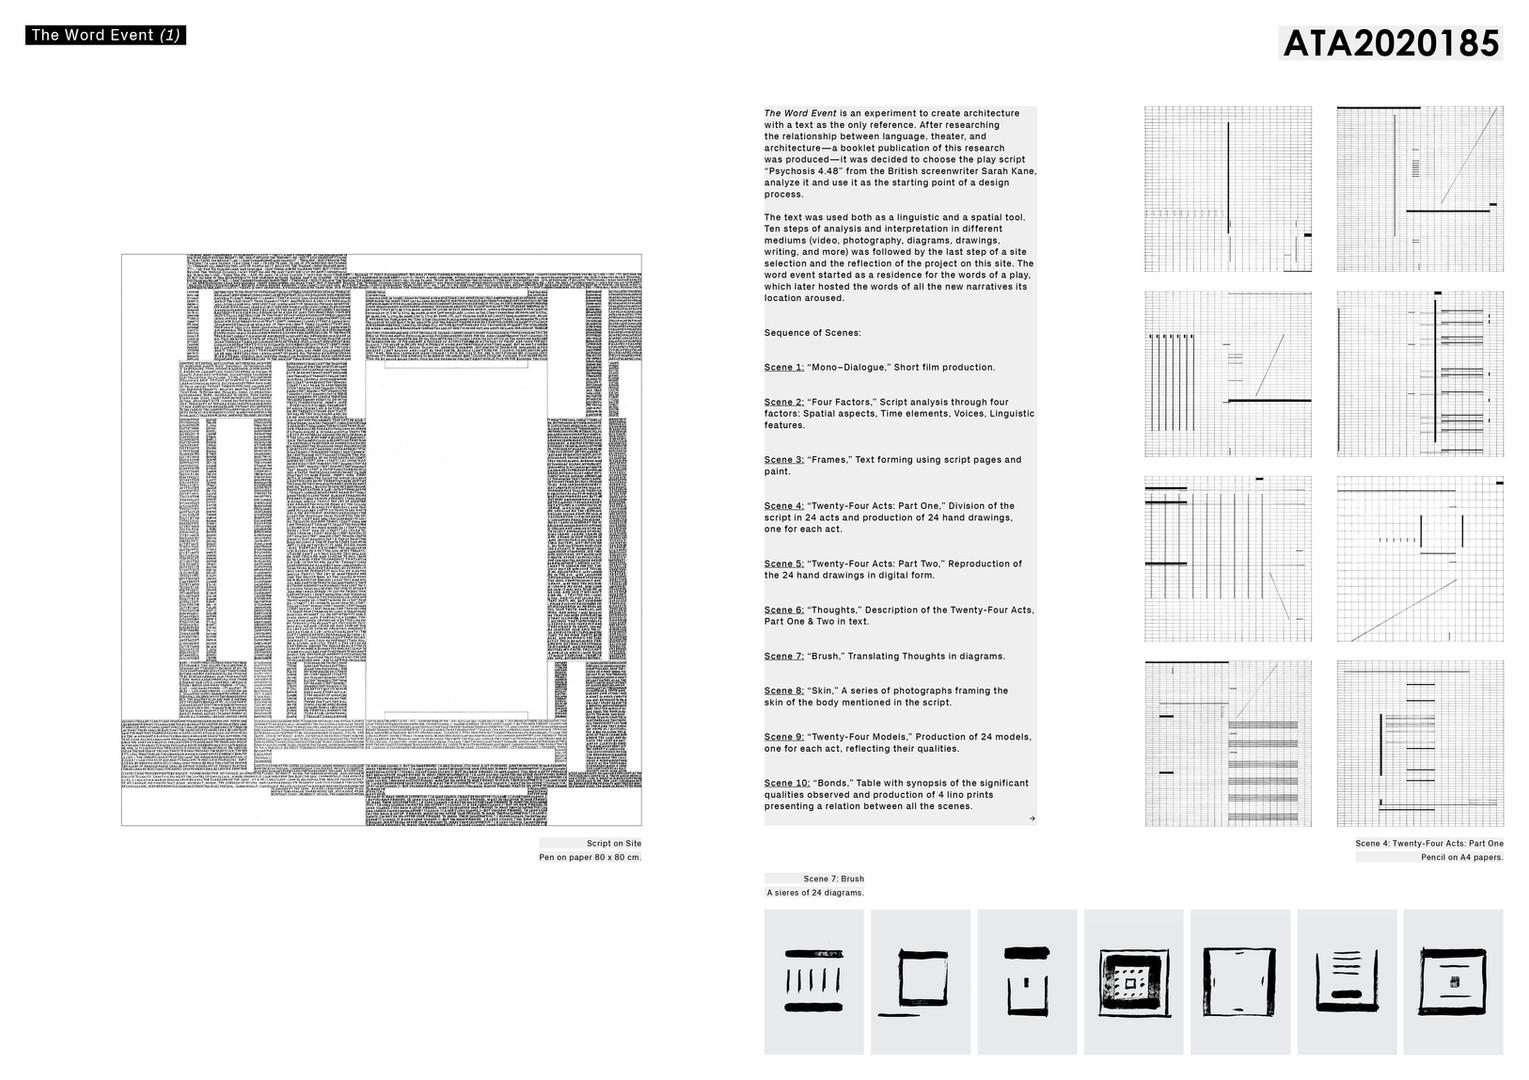 ATA2020185-1_page.jpg